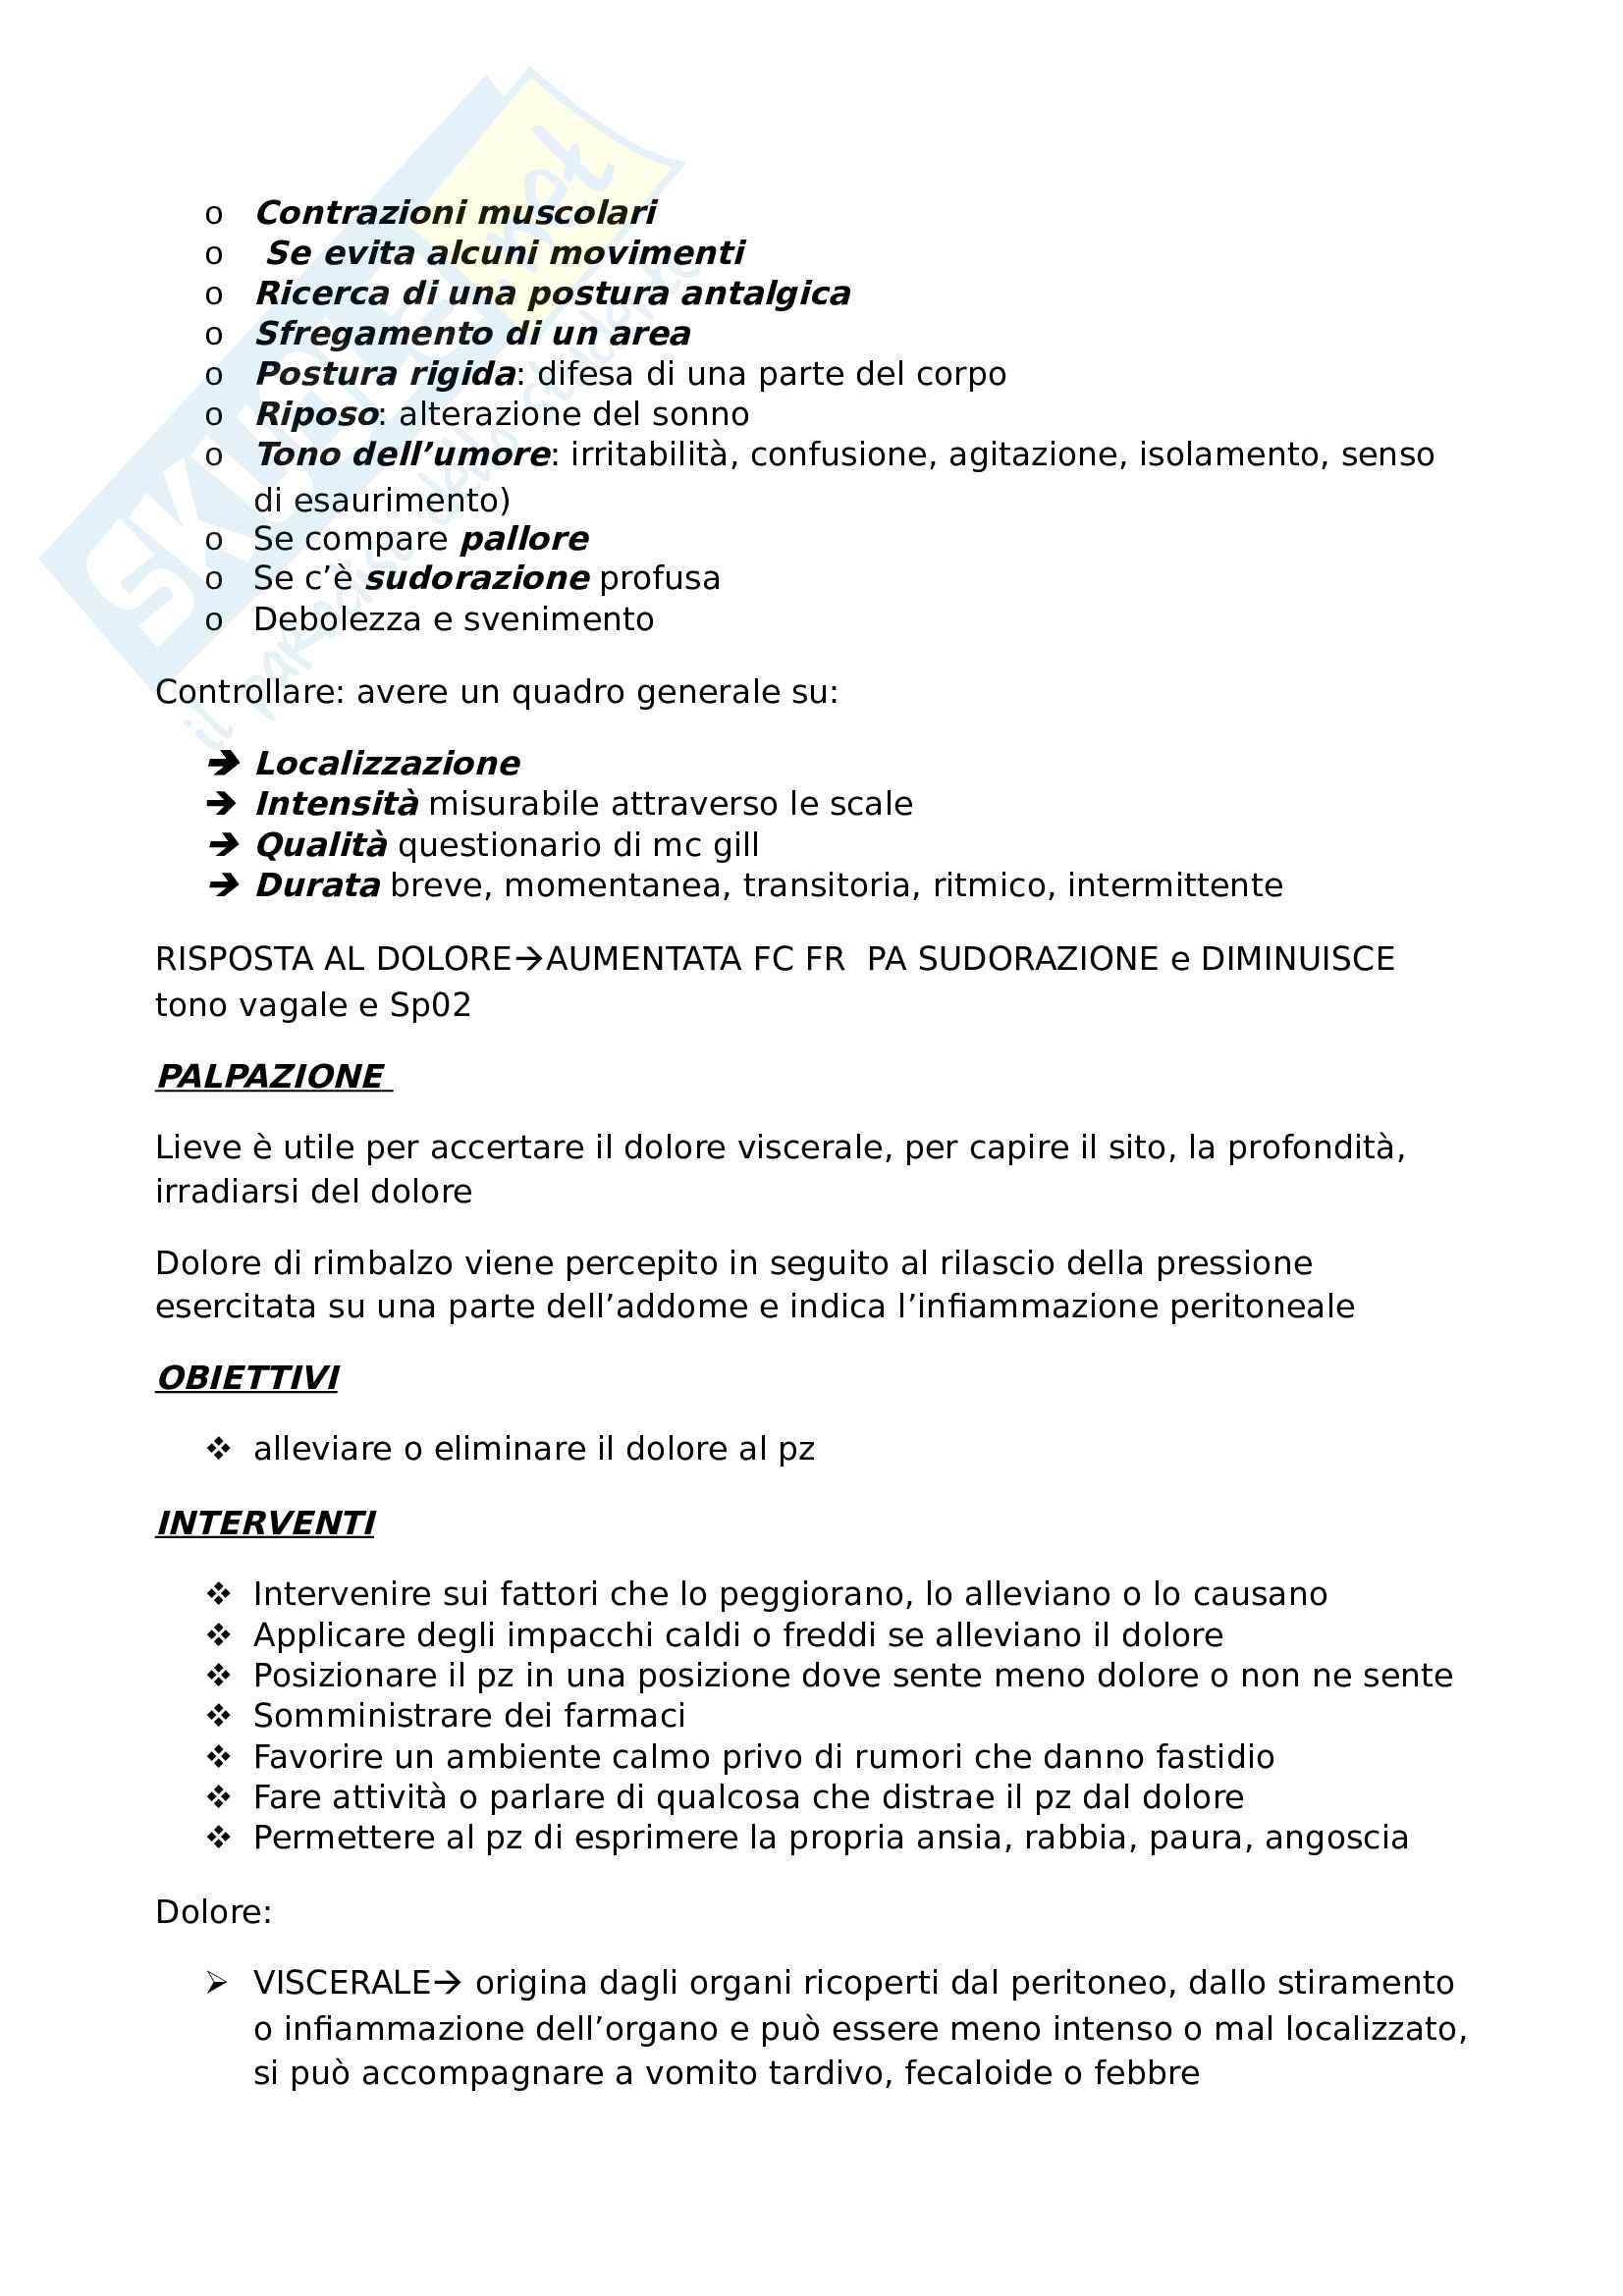 Parametri vitali, accertamenti, obiettivi, interventi e procedure Pag. 6